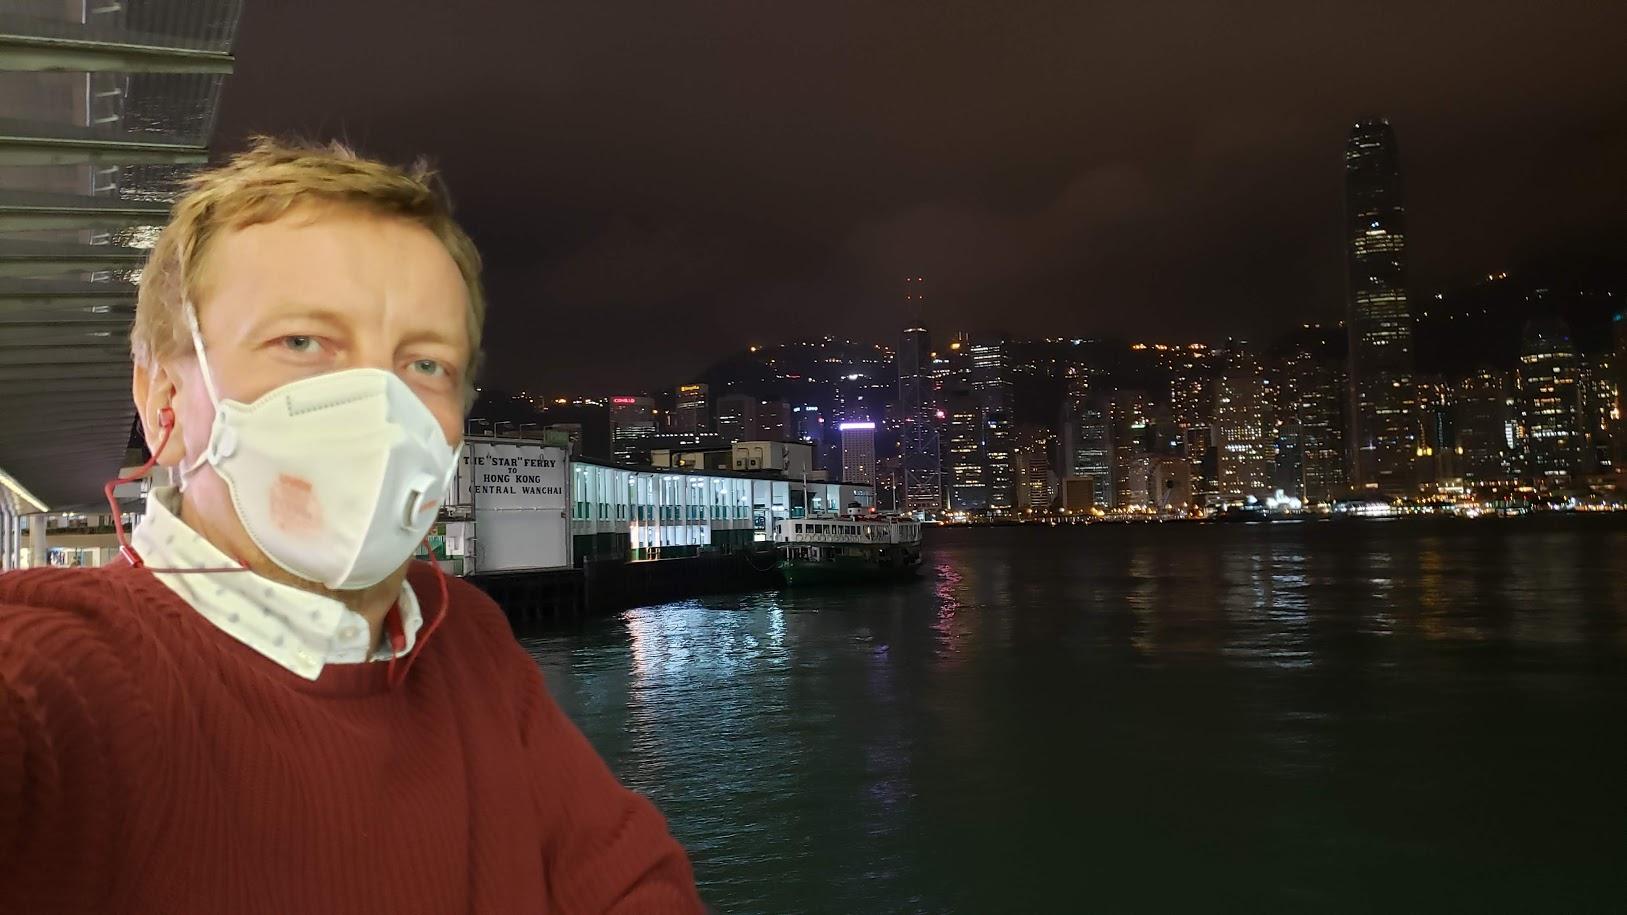 Korona Hongkong